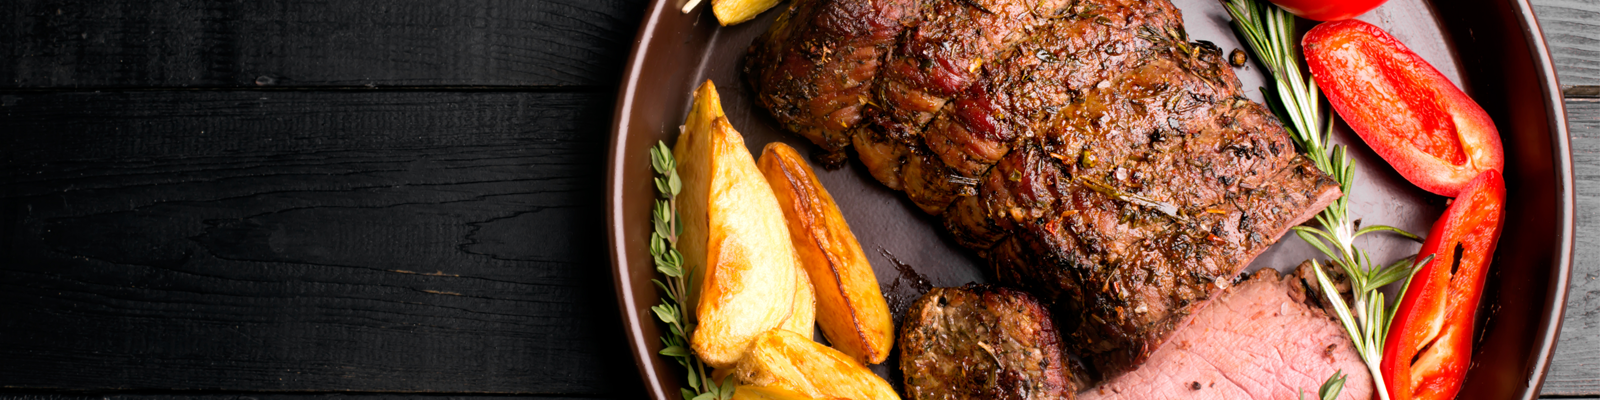 Alles Wat Je Moet Weten Over Mooi Vlees Wist Je Dat